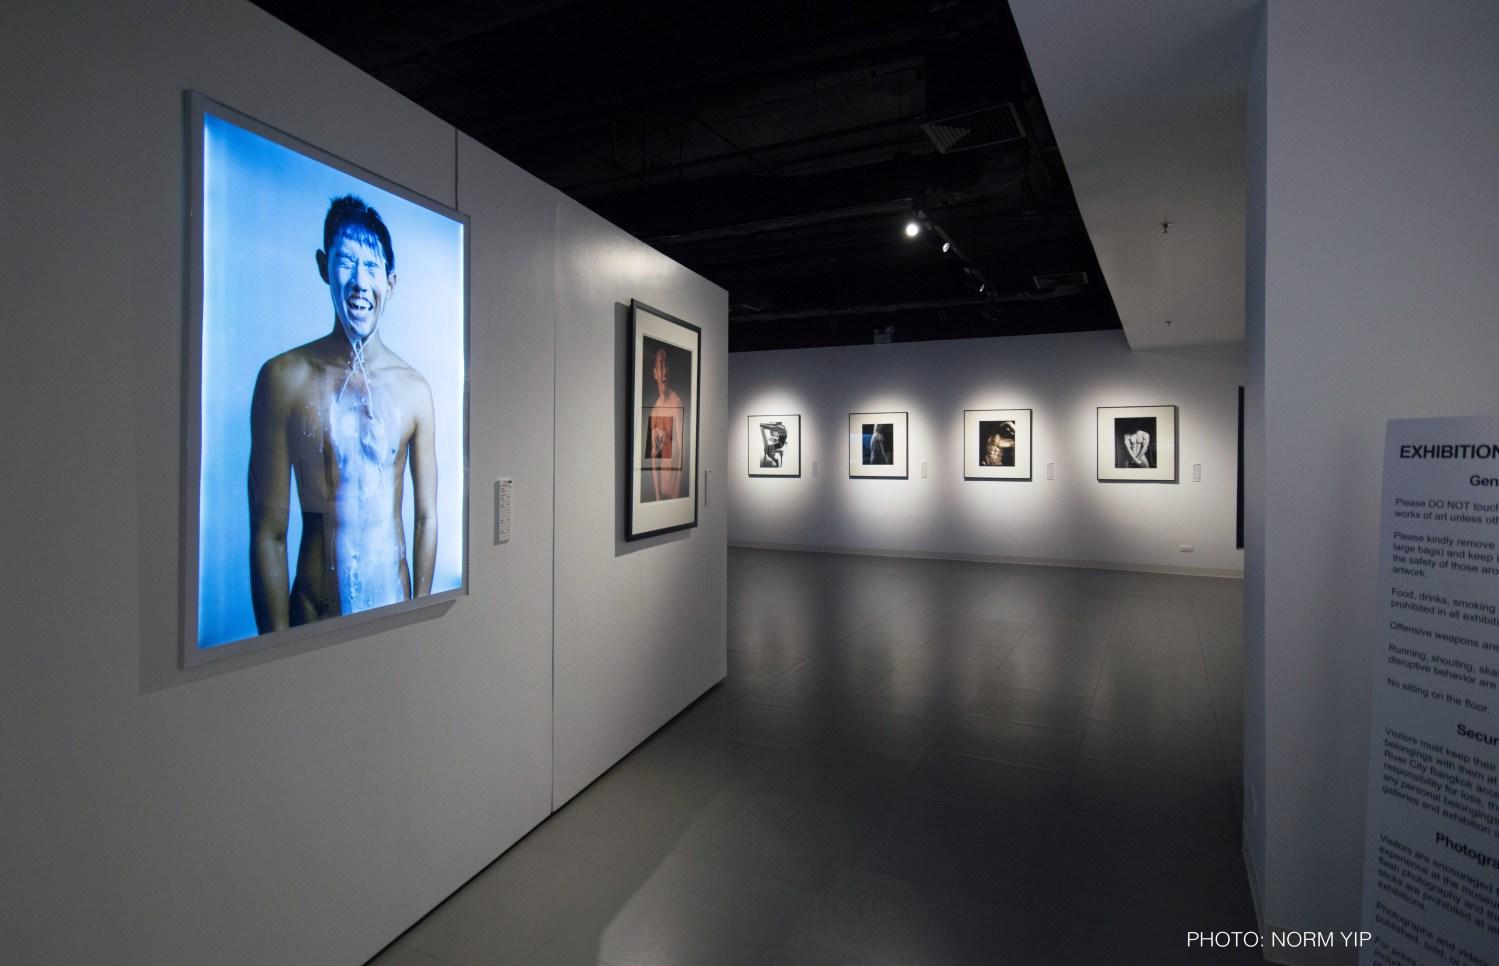 gallery of Beyond Skin exhibit